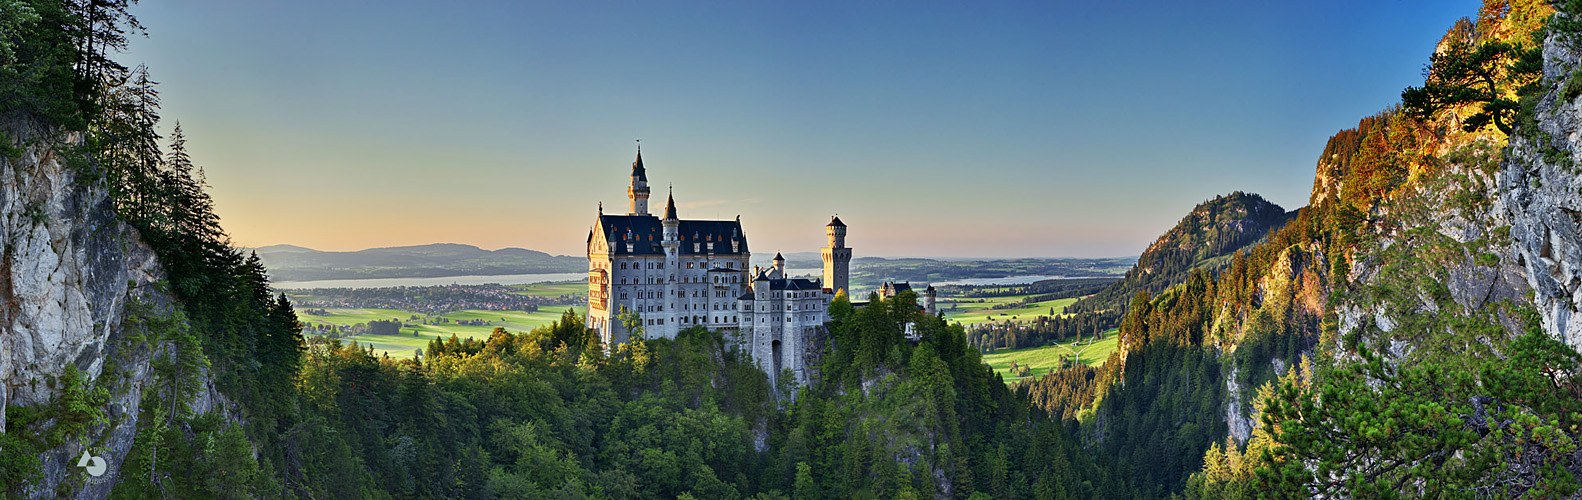 Weltbekanntestes Schloss